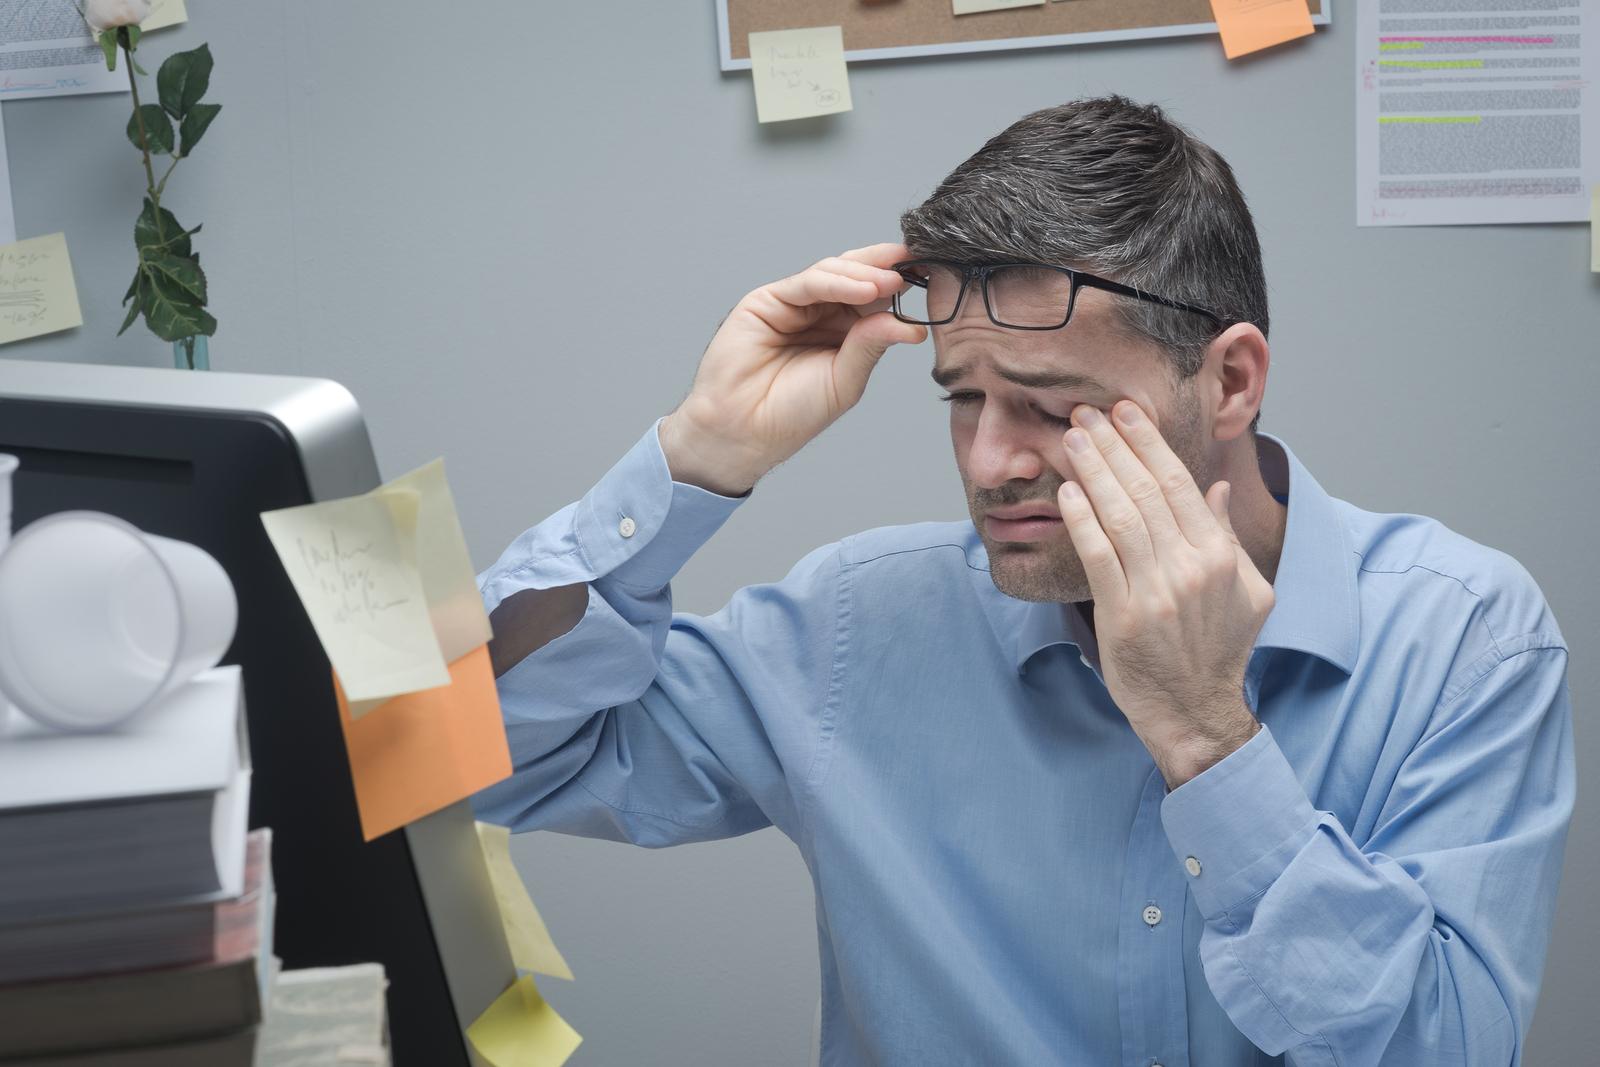 man experiencing common eye allergies